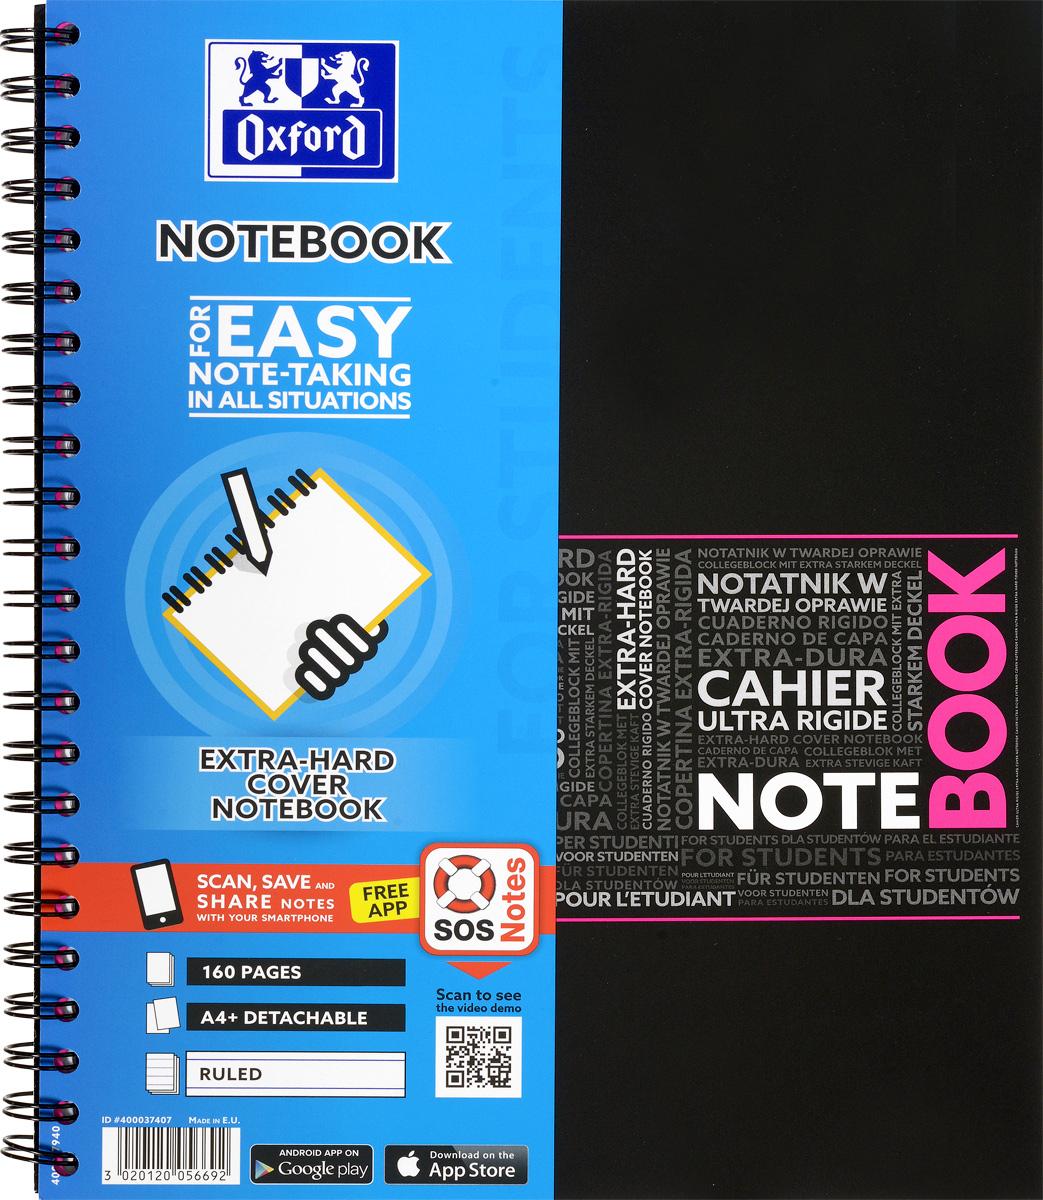 Oxford Тетрадь Sos Notes 80 листов в линейку цвет розовый72523WDКрасивая и практичная тетрадь Oxford Sos Notes отлично подойдет для ведения и хранения заметок. Тетрадь формата А4+ состоит из 80 белых листов с полями и с четкой яркой линовкой в линейку. Обложка тетради выполнена из жесткого ламинированного картона розового и черного цвета. Все ваши записи и заметки всегда будут в безопасности, т.к тетрадь основана на двойной металлической спирали. Также тетрадь имеет острые углы и благодаря специальным меткам на каждой странице и бесплатному приложению SOS Notes для вашего телефона или планшета, вы сможете всегда легко перенести ваши записи и зарисовки с бумажной страницы в смартфон или на компьютер.